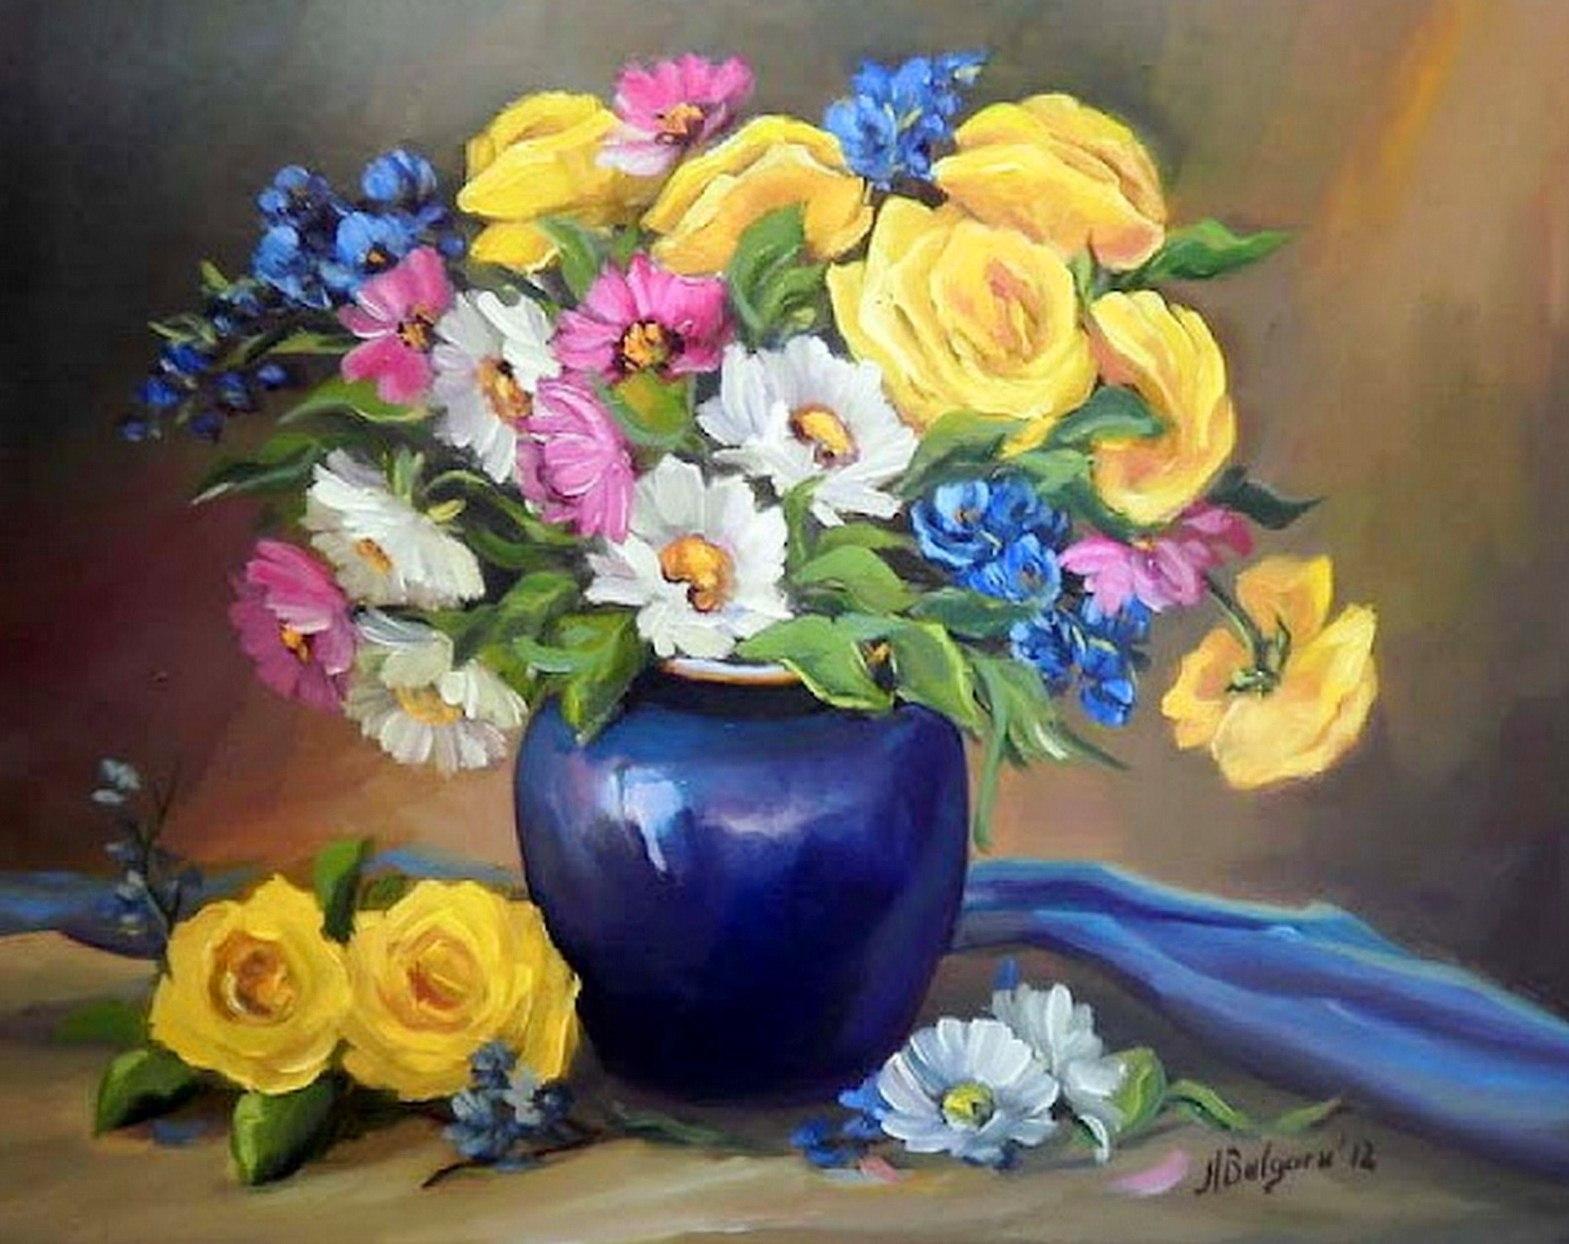 cuadros pintados de jarrones con flores